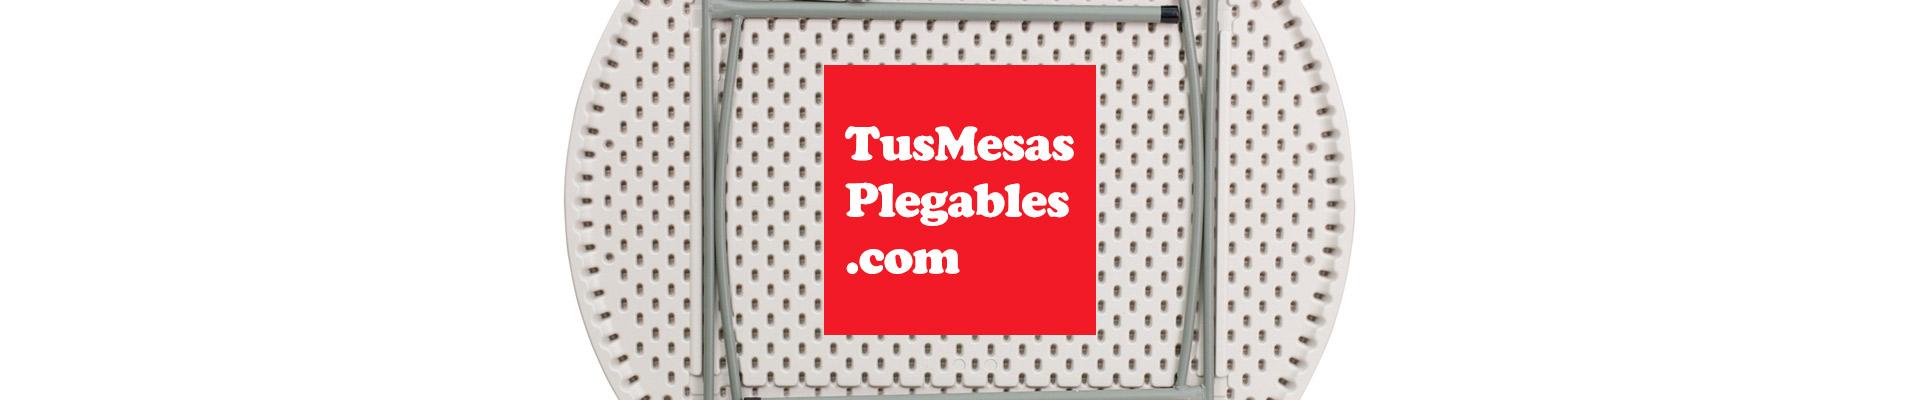 slide1-tus-mesas-plegables-1